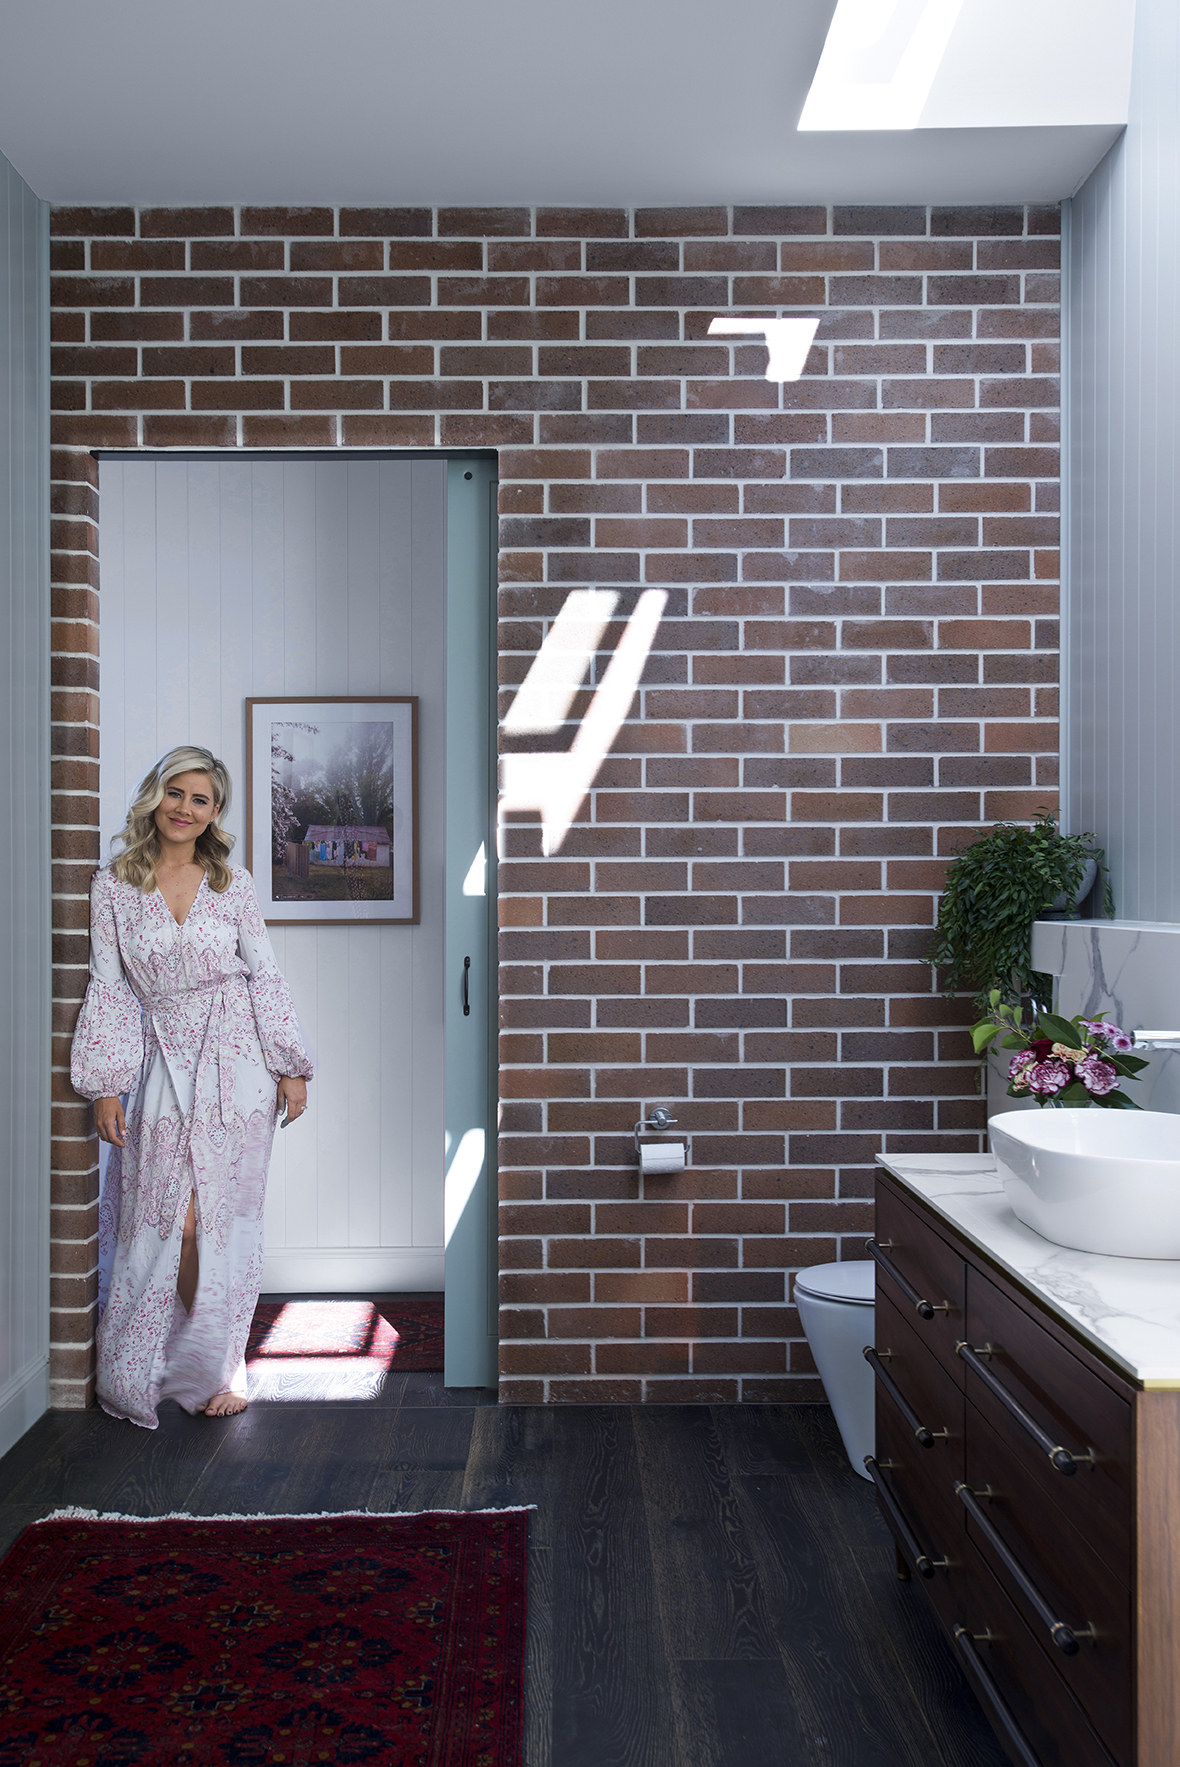 Binnenkijken in de badkamer van Micheal en Carlene